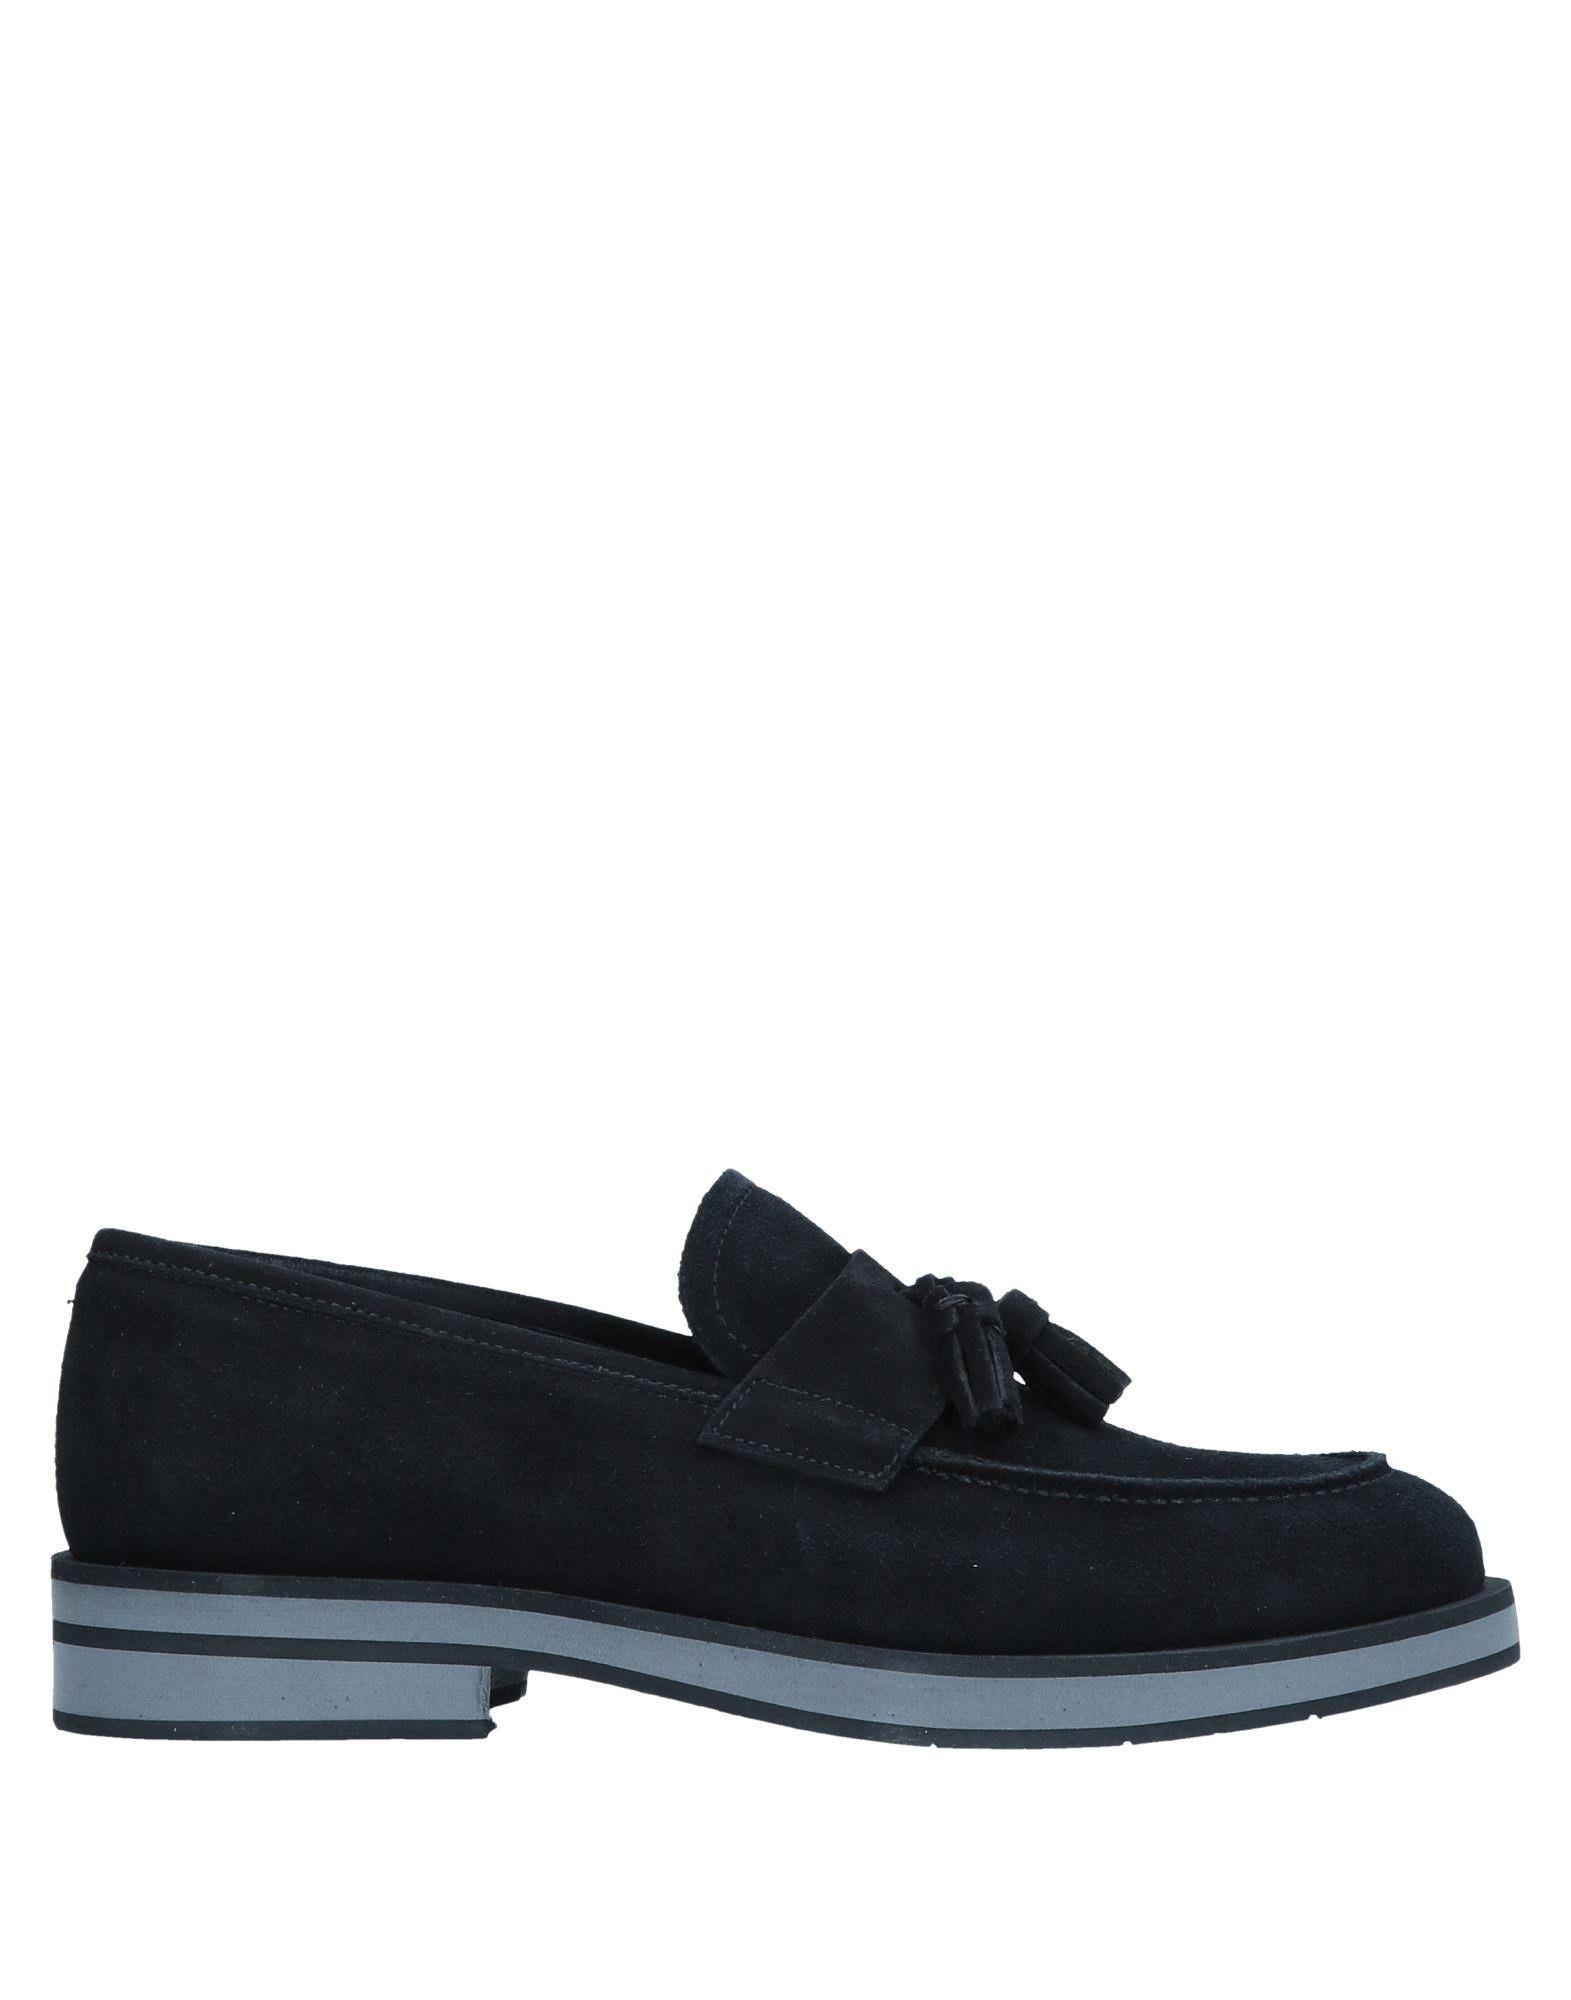 Rabatt echte Schuhe Marechiaro 1962 Mokassins Herren  11548458MW